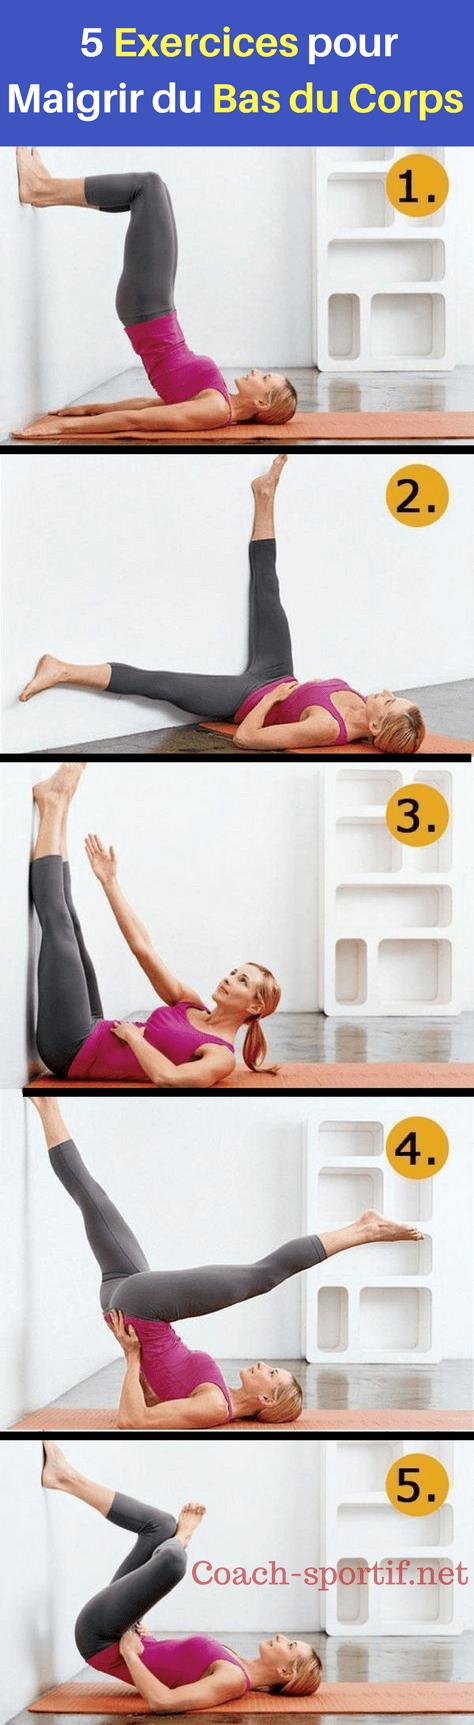 5 Exercices pour maigrir du bas du corps (Fessier , Jambe